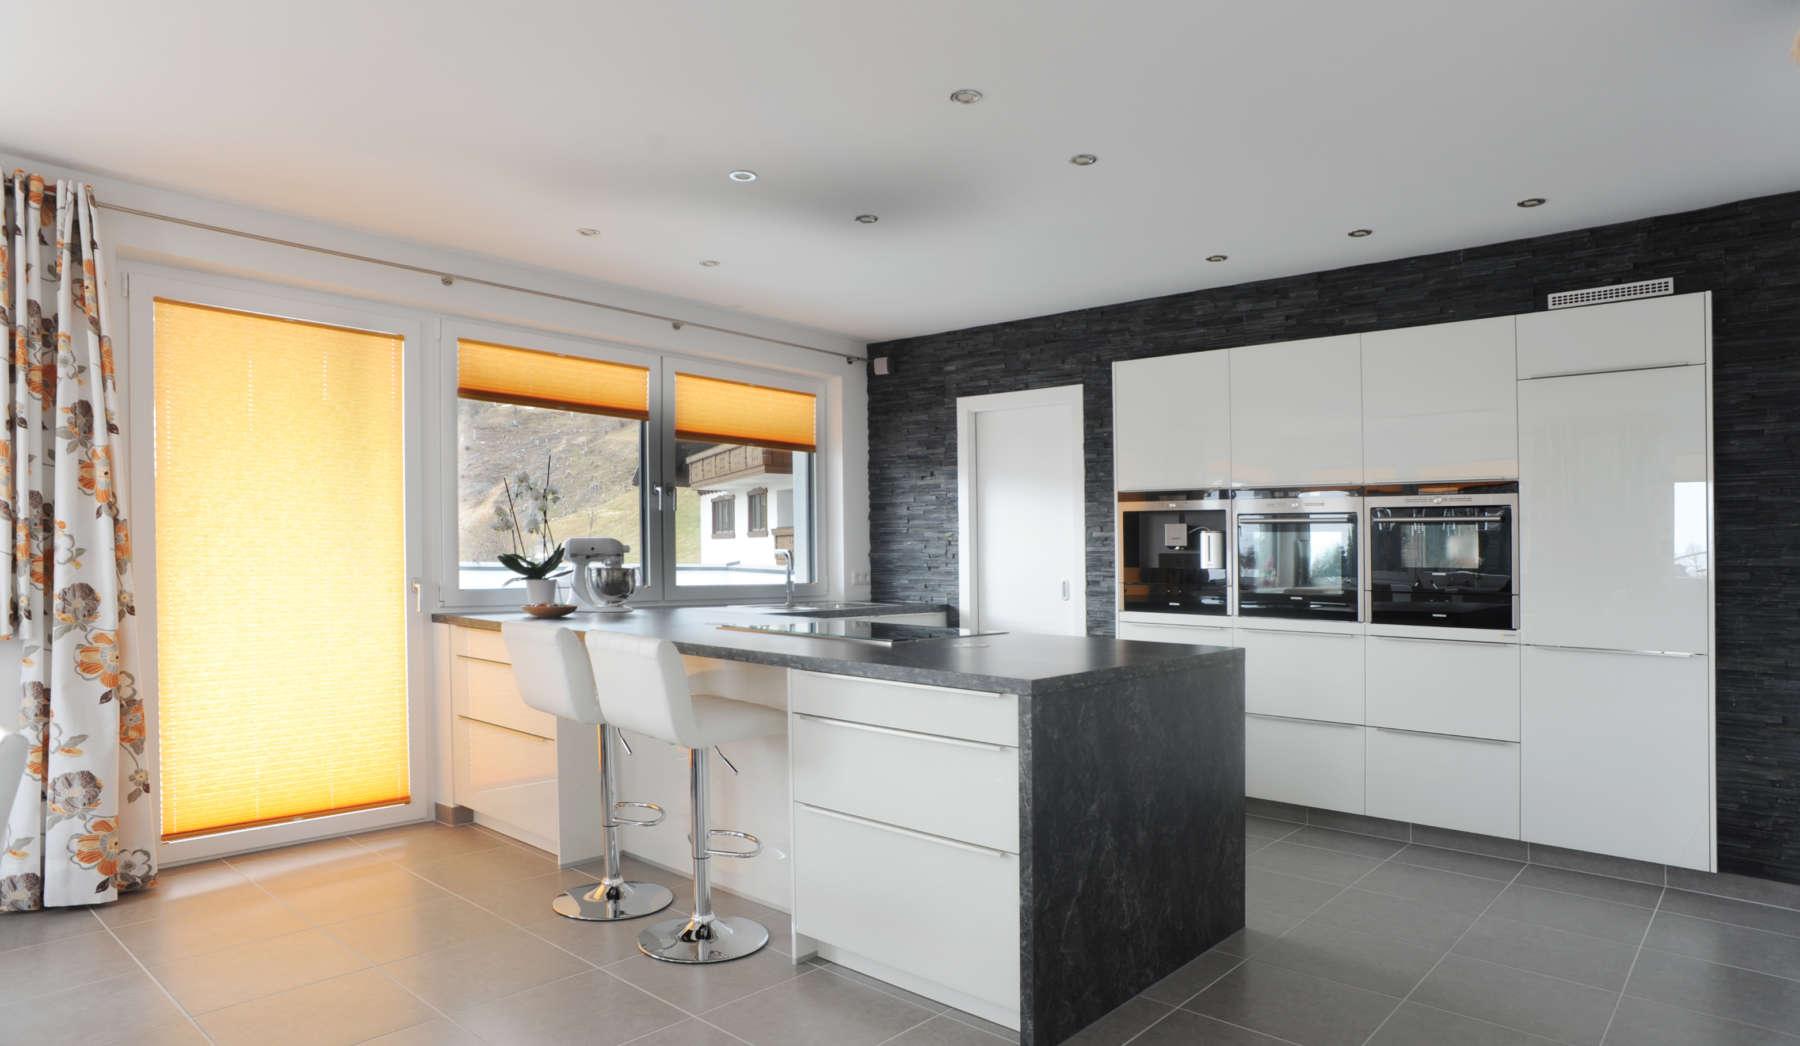 Uberlegen Moderne Küchen Ihre Design Küche Nach Maß